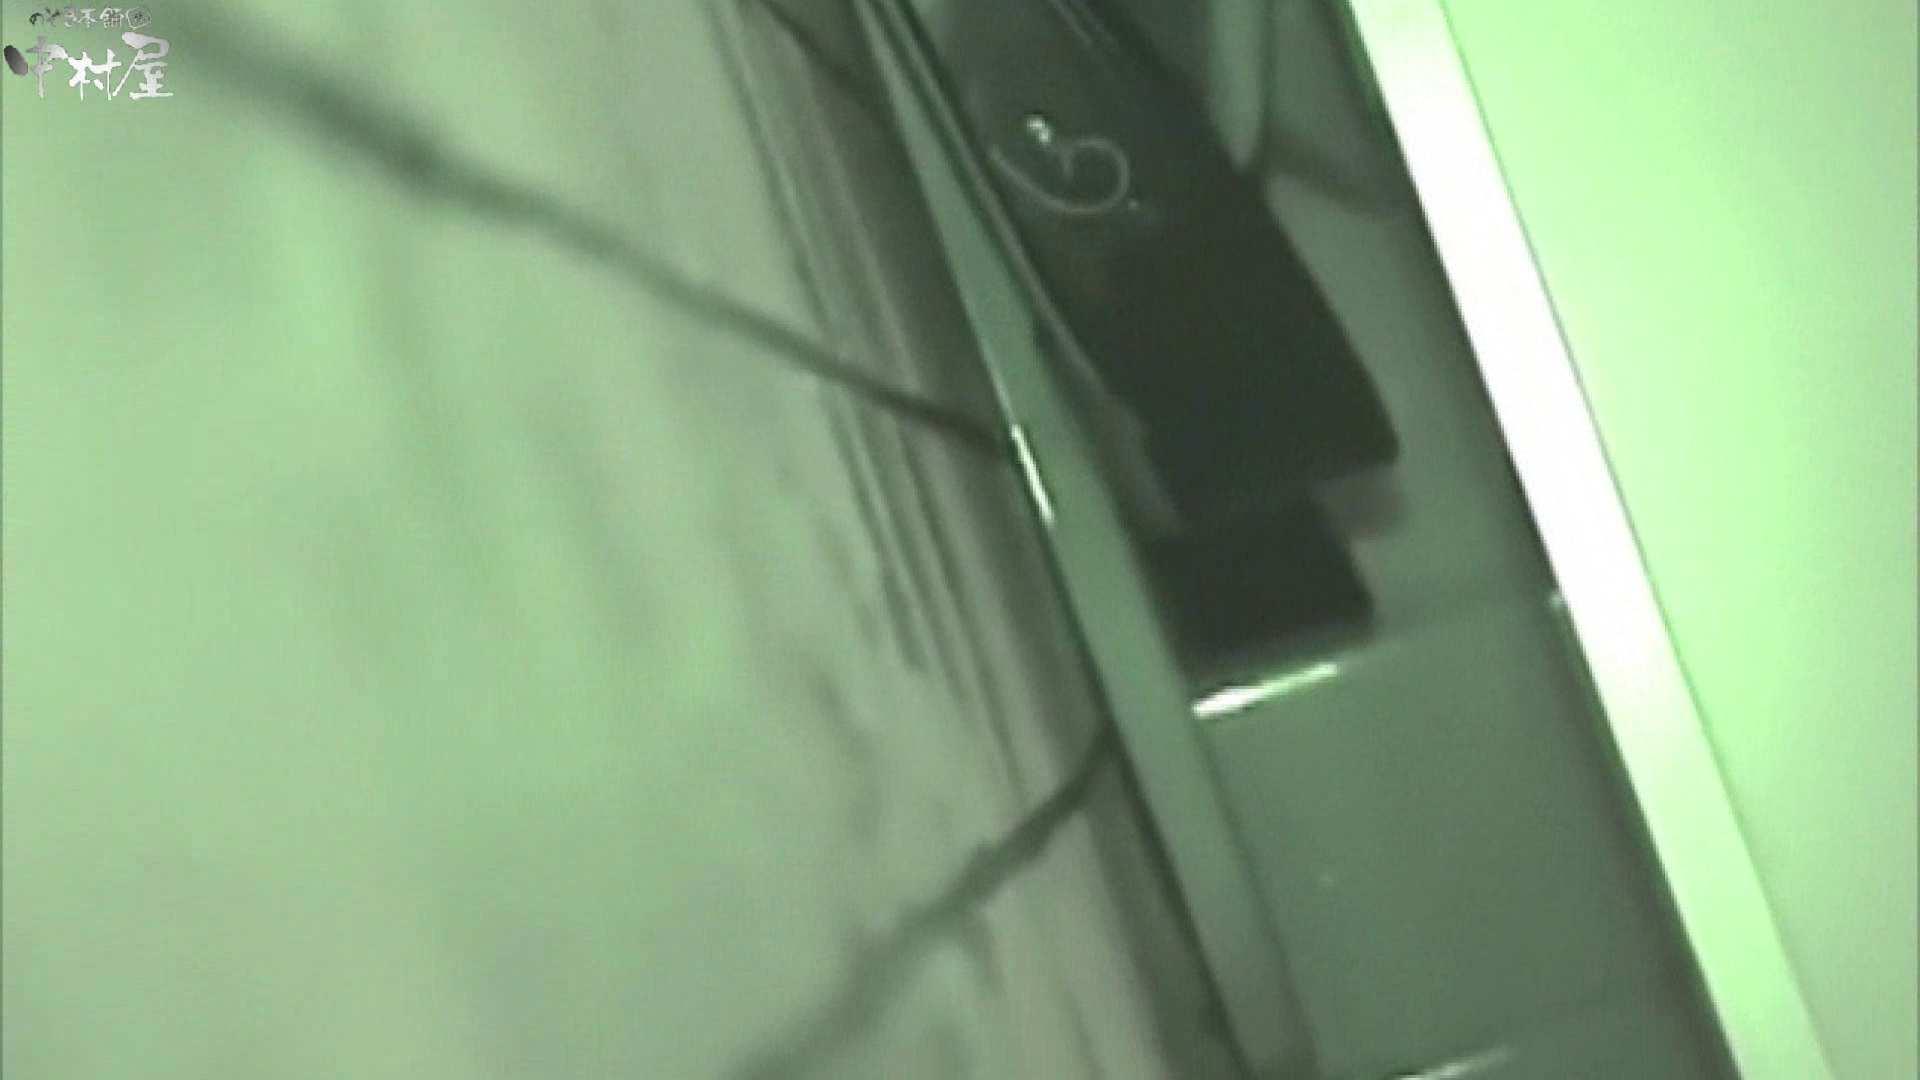 解禁!海の家4カメ洗面所vol.09 ギャルのエロ動画 濡れ場動画紹介 97PIX 56